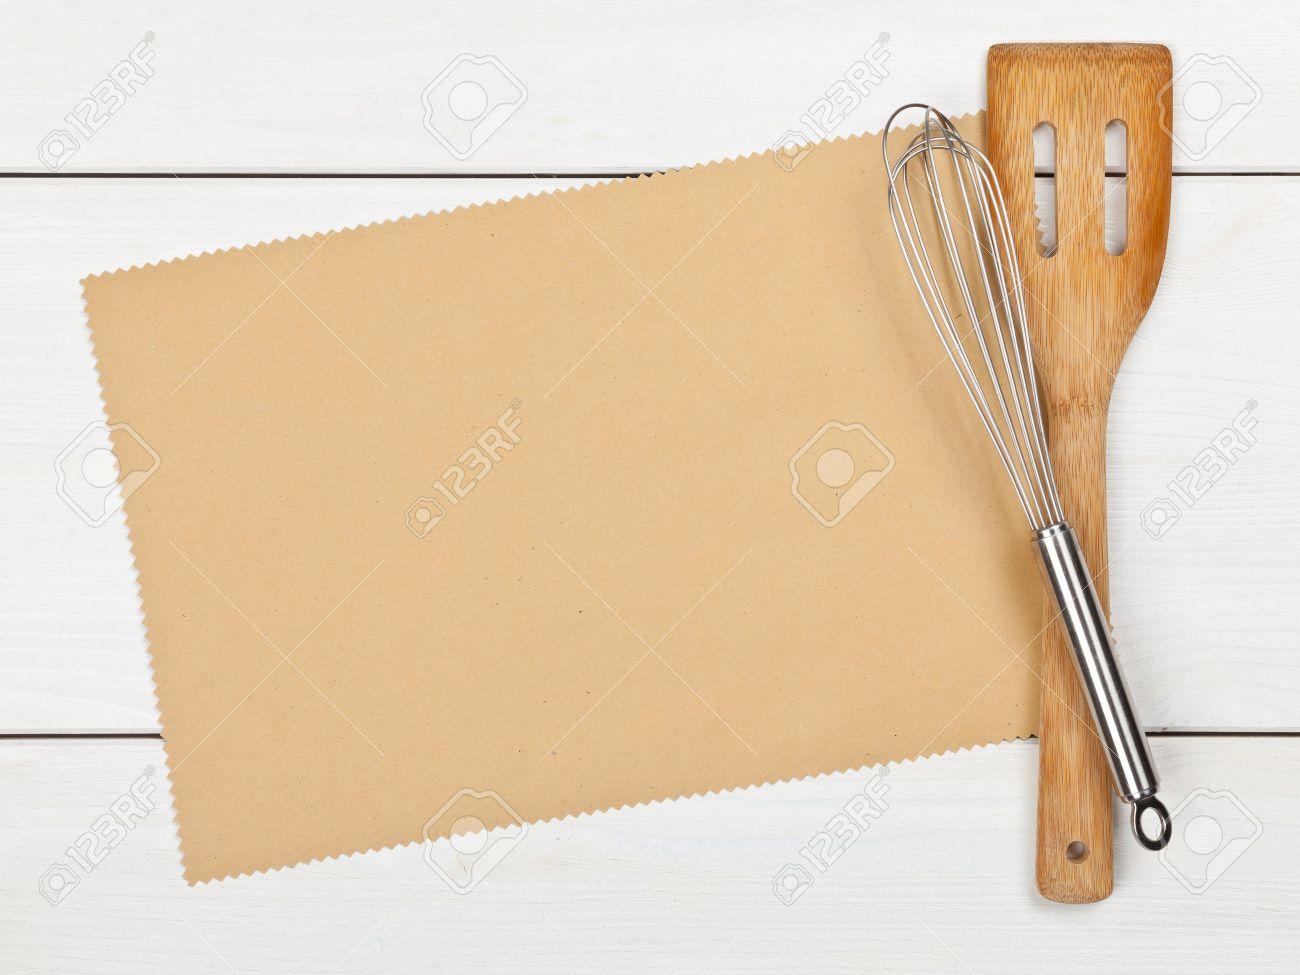 Papier vide pour la recette avec des ustensiles de cuisine sur la ...